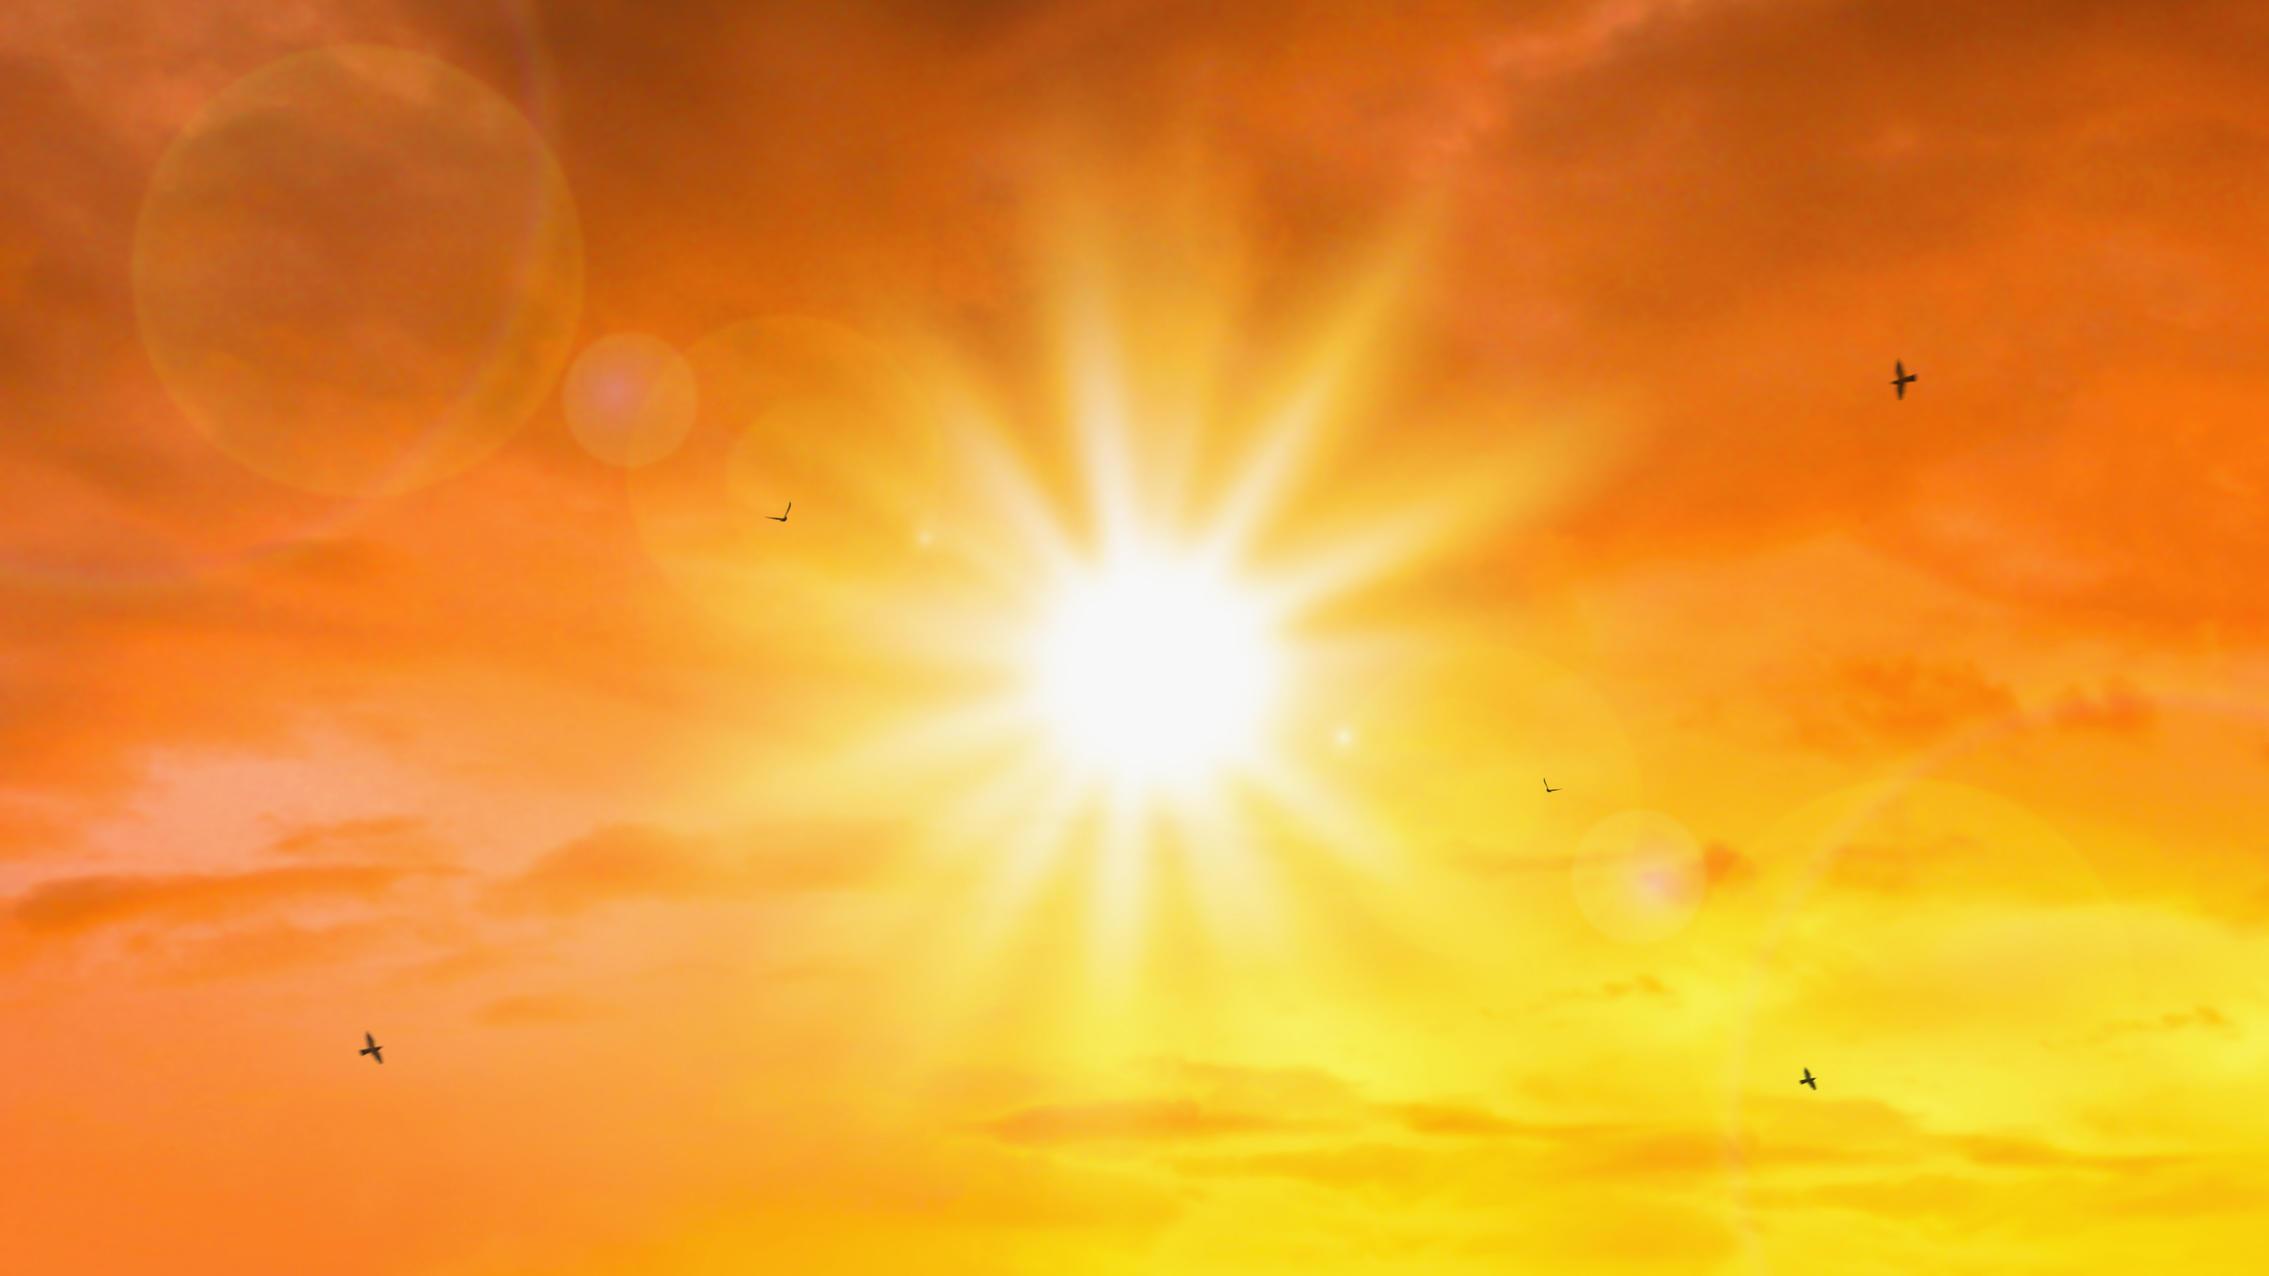 Sonne, Sonne, Sonne - Dauersonne und ihre Folgen